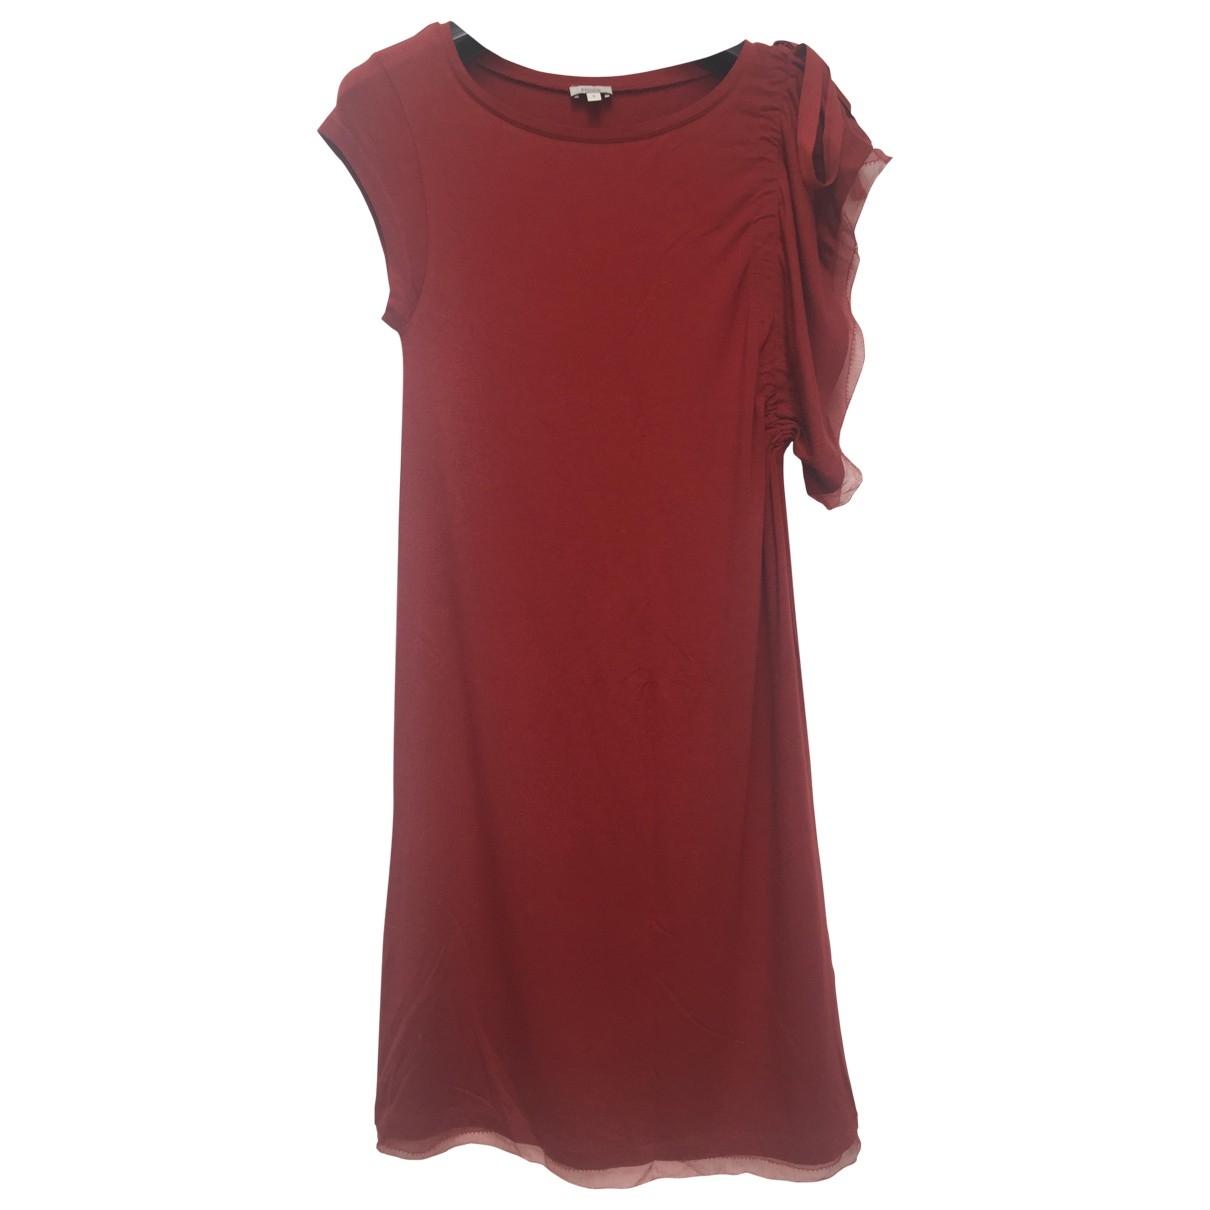 Hoss Intropia \N Kleid in  Bordeauxrot Baumwolle - Elasthan